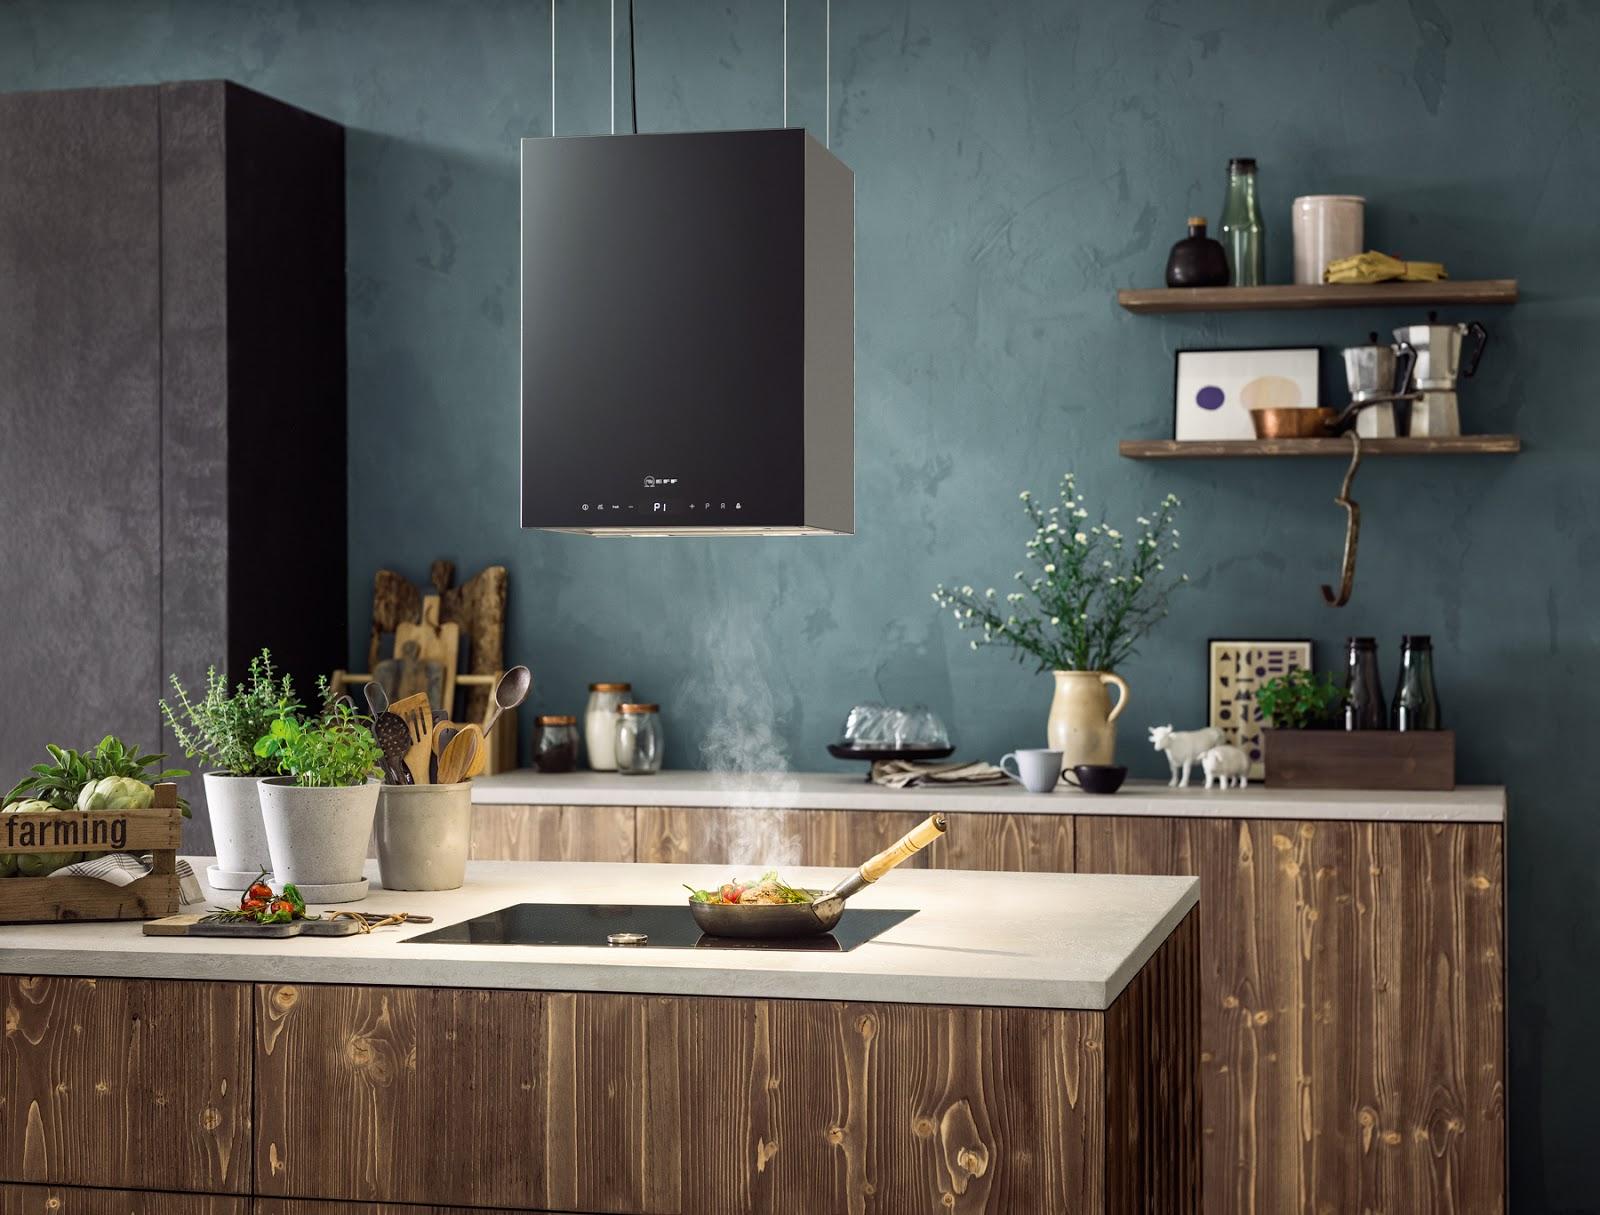 Ausgezeichnet Neuestes Küchenschrank Design In Malaysia Ideen ...